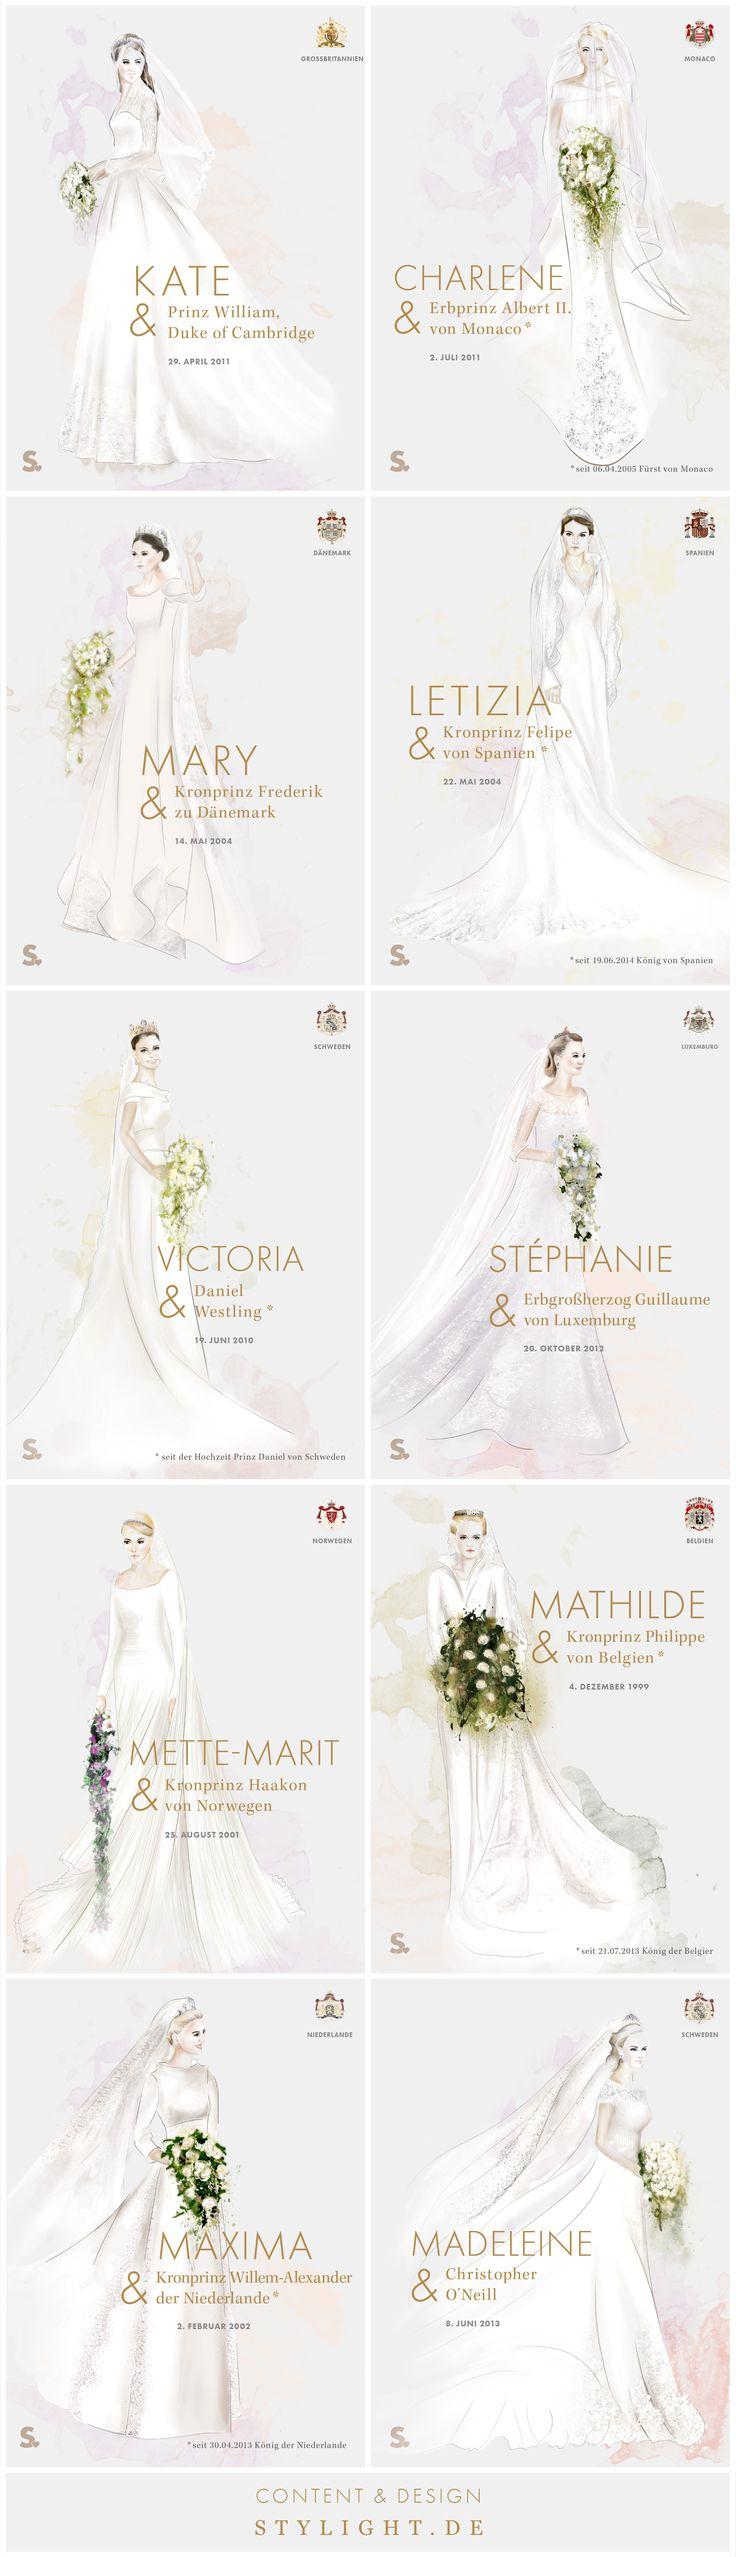 Die royalen Hochzeitskleider von Kate Middleton, Charlene Wittstock, Mary Donaldson, Mette-Marit von Norwegen, Mathilde von Belgien, Maxima Cerruti und Prinzessin Madeleine.